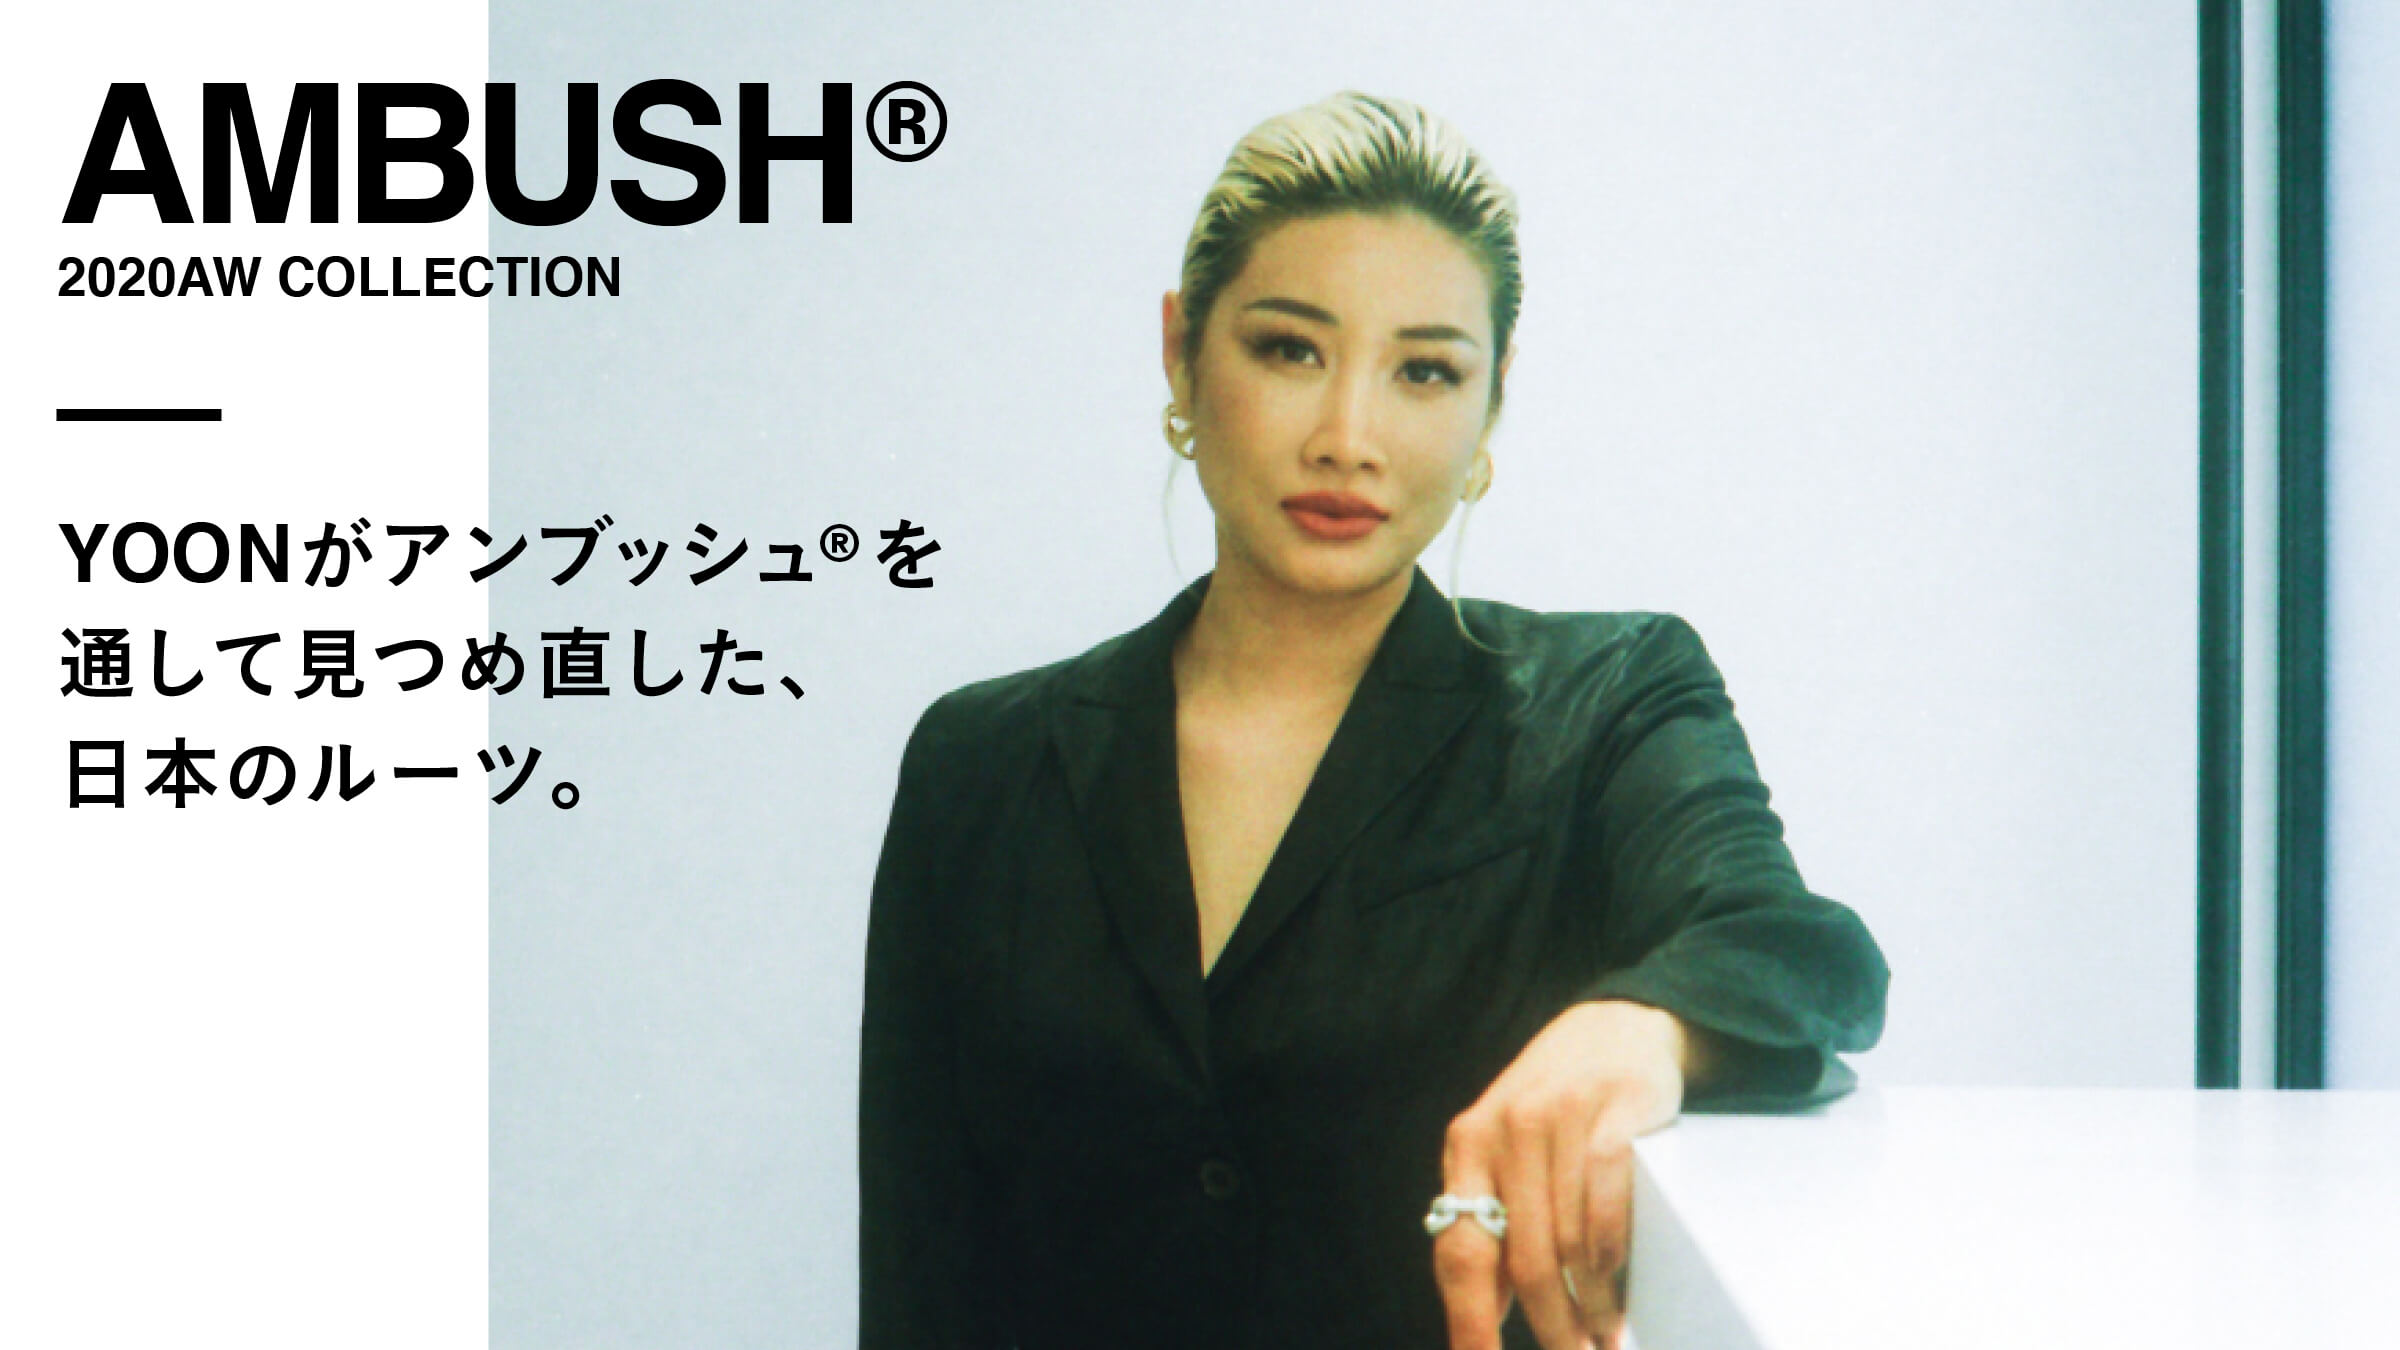 YOONがアンブッシュ®を通して見つめ直した、日本のルーツ。